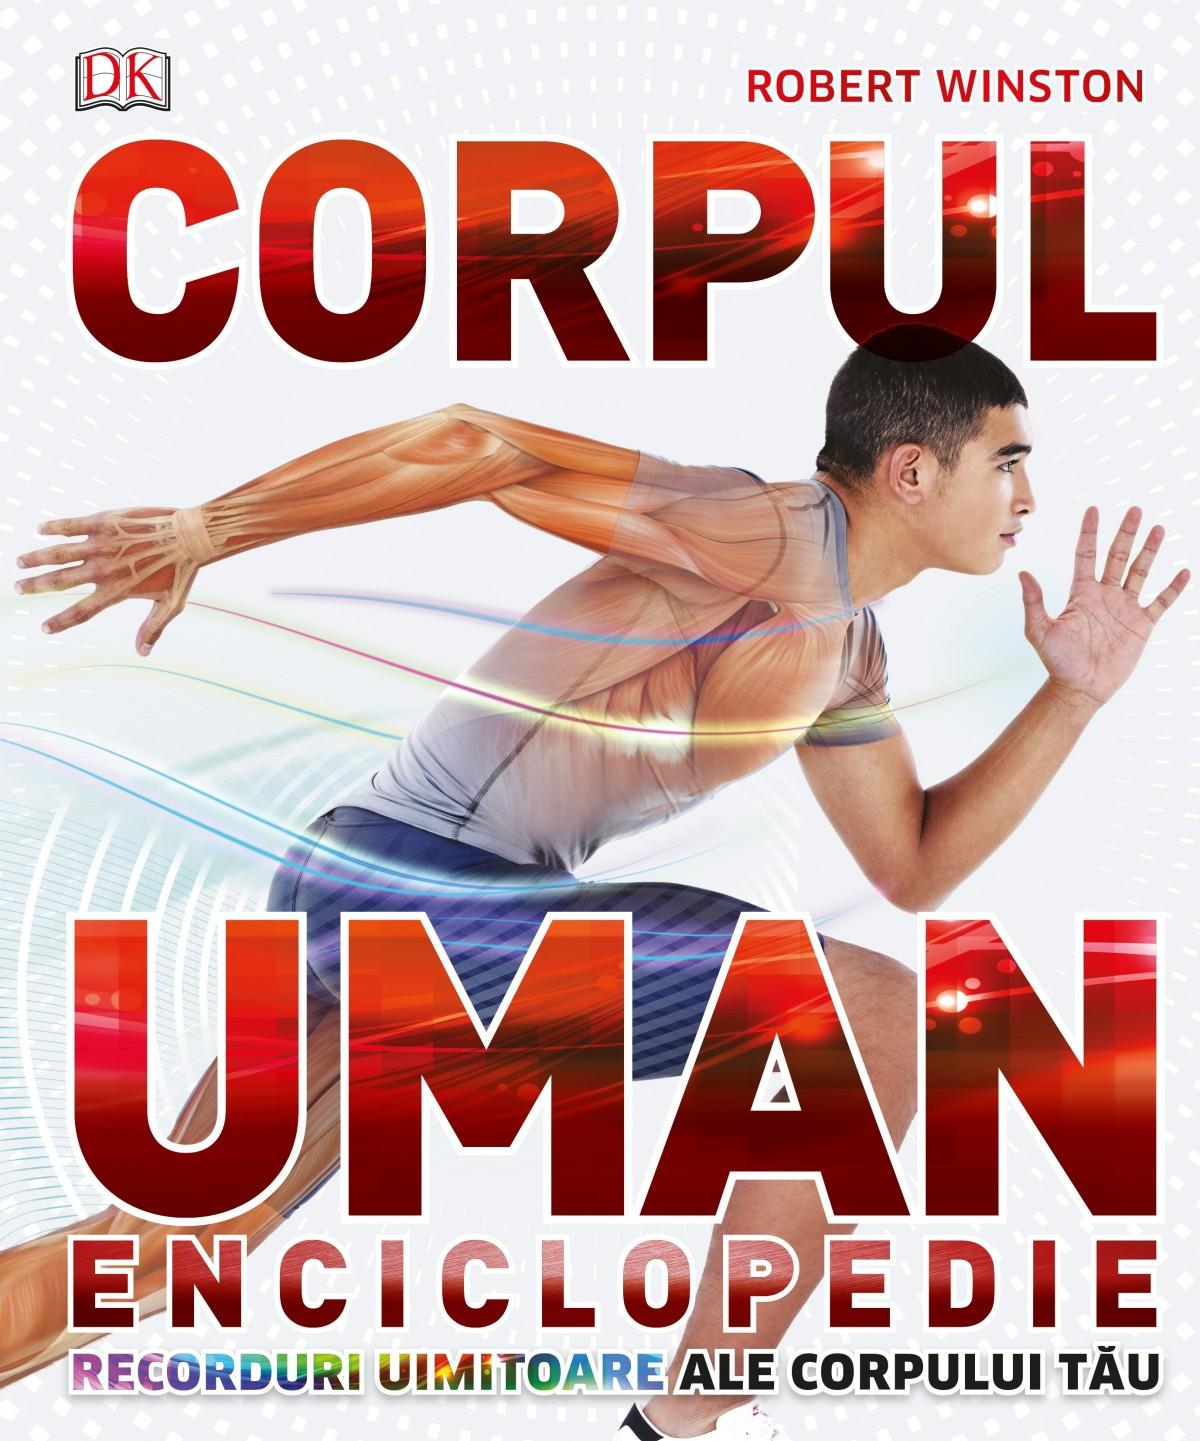 Corpul uman. Enciclopedie. Recorduri uimitoare ale corpului tău